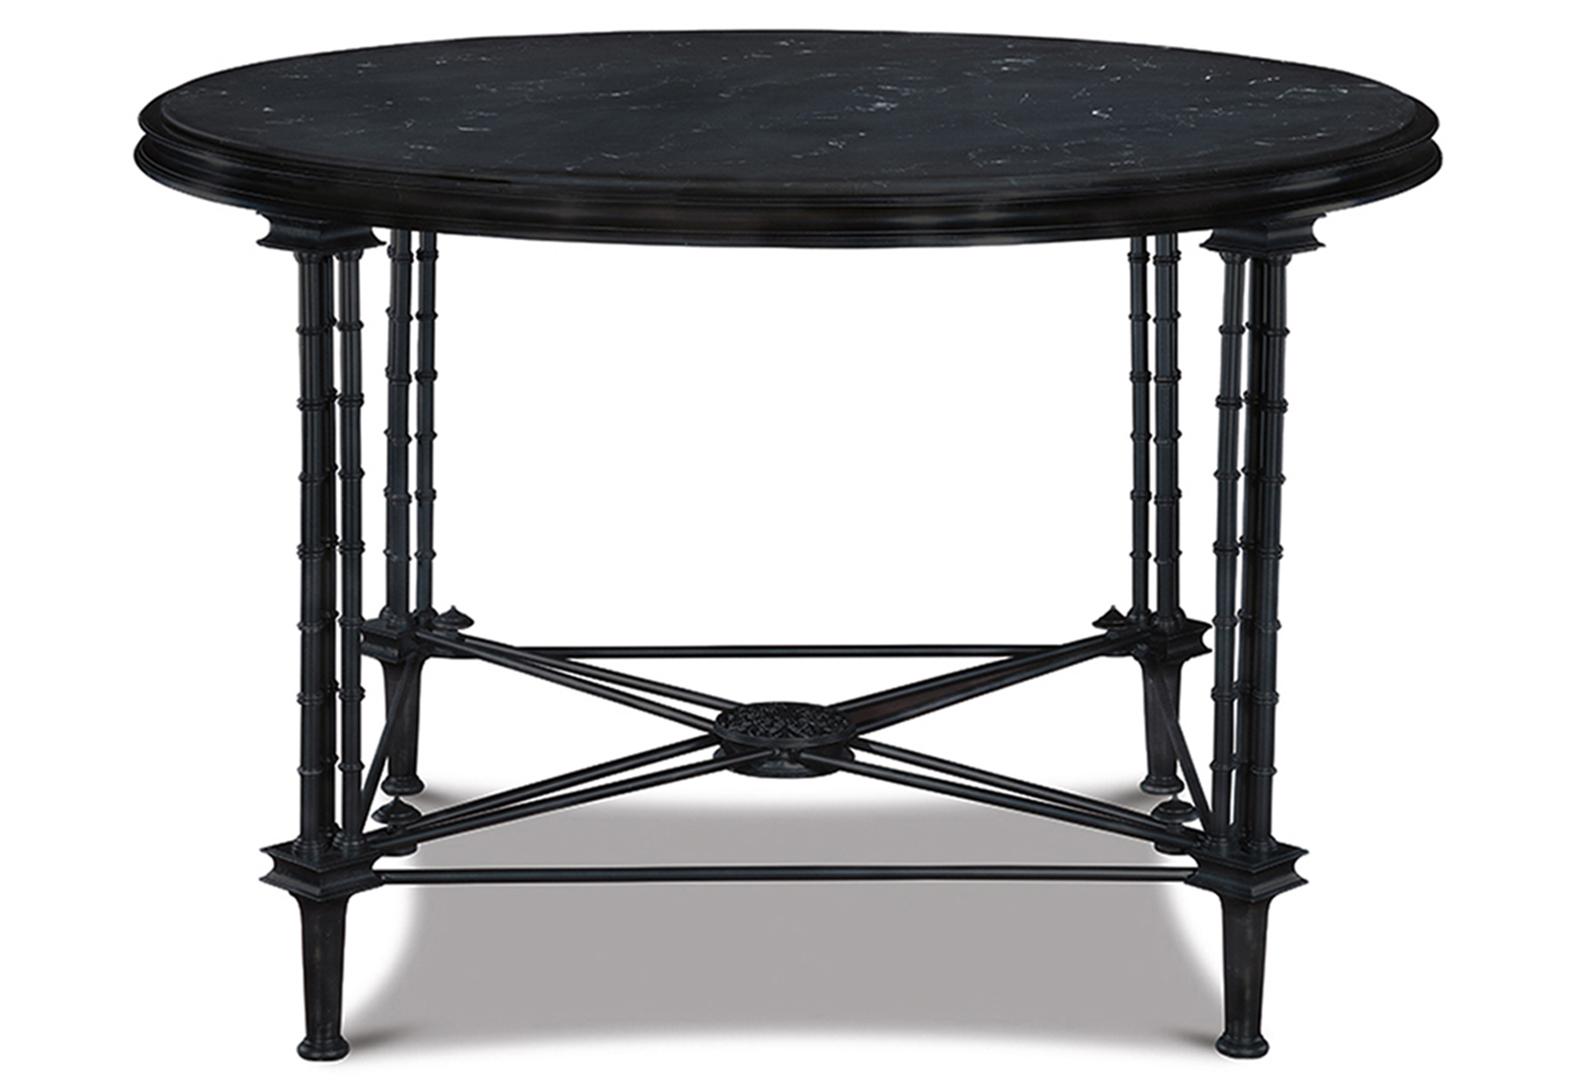 mesas de vest bulo y mesas de juego alfonso marina. Black Bedroom Furniture Sets. Home Design Ideas